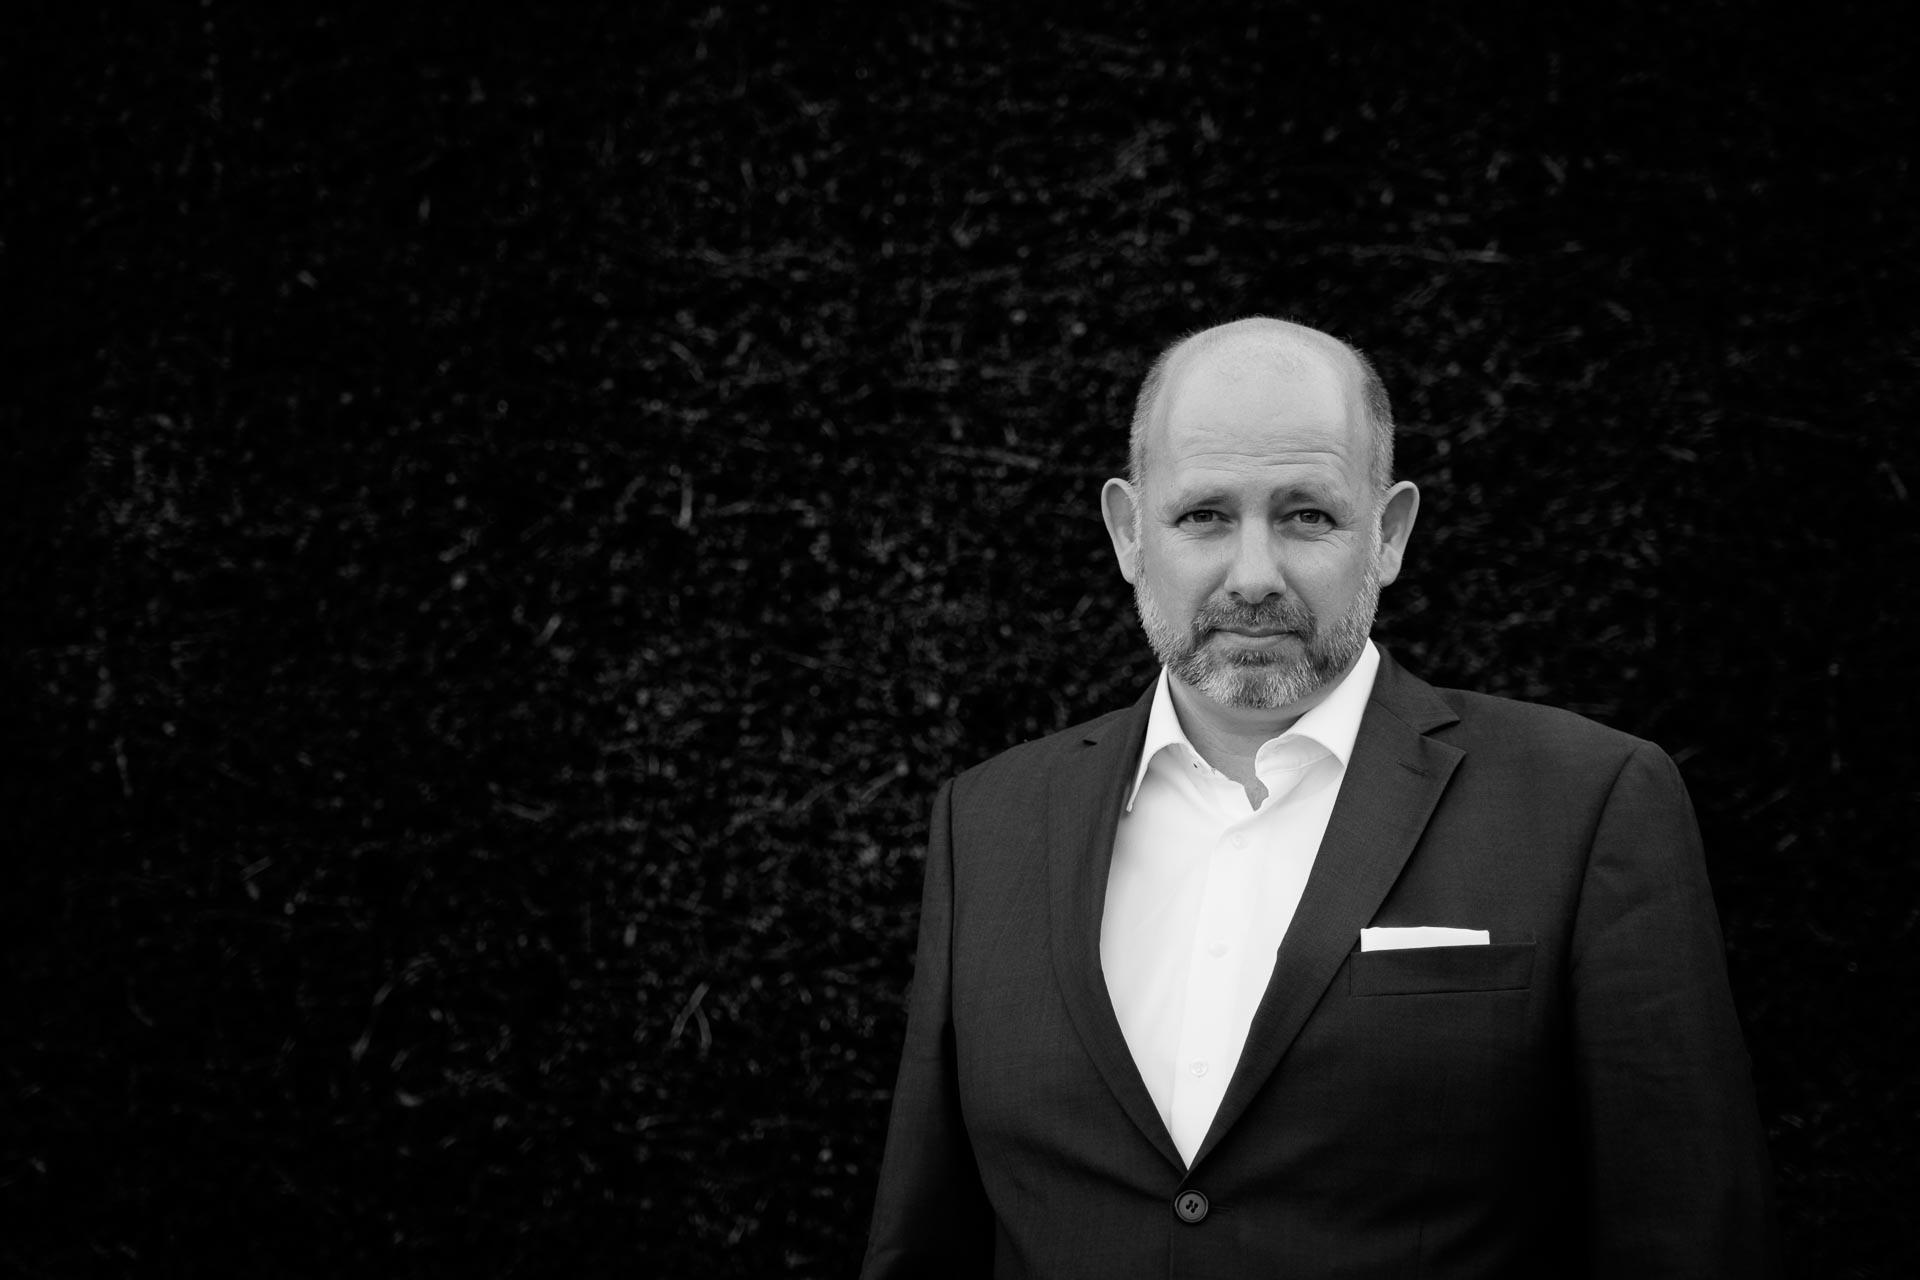 Fotograf Saline Bad Rappenau Schauspieler Holger Ries